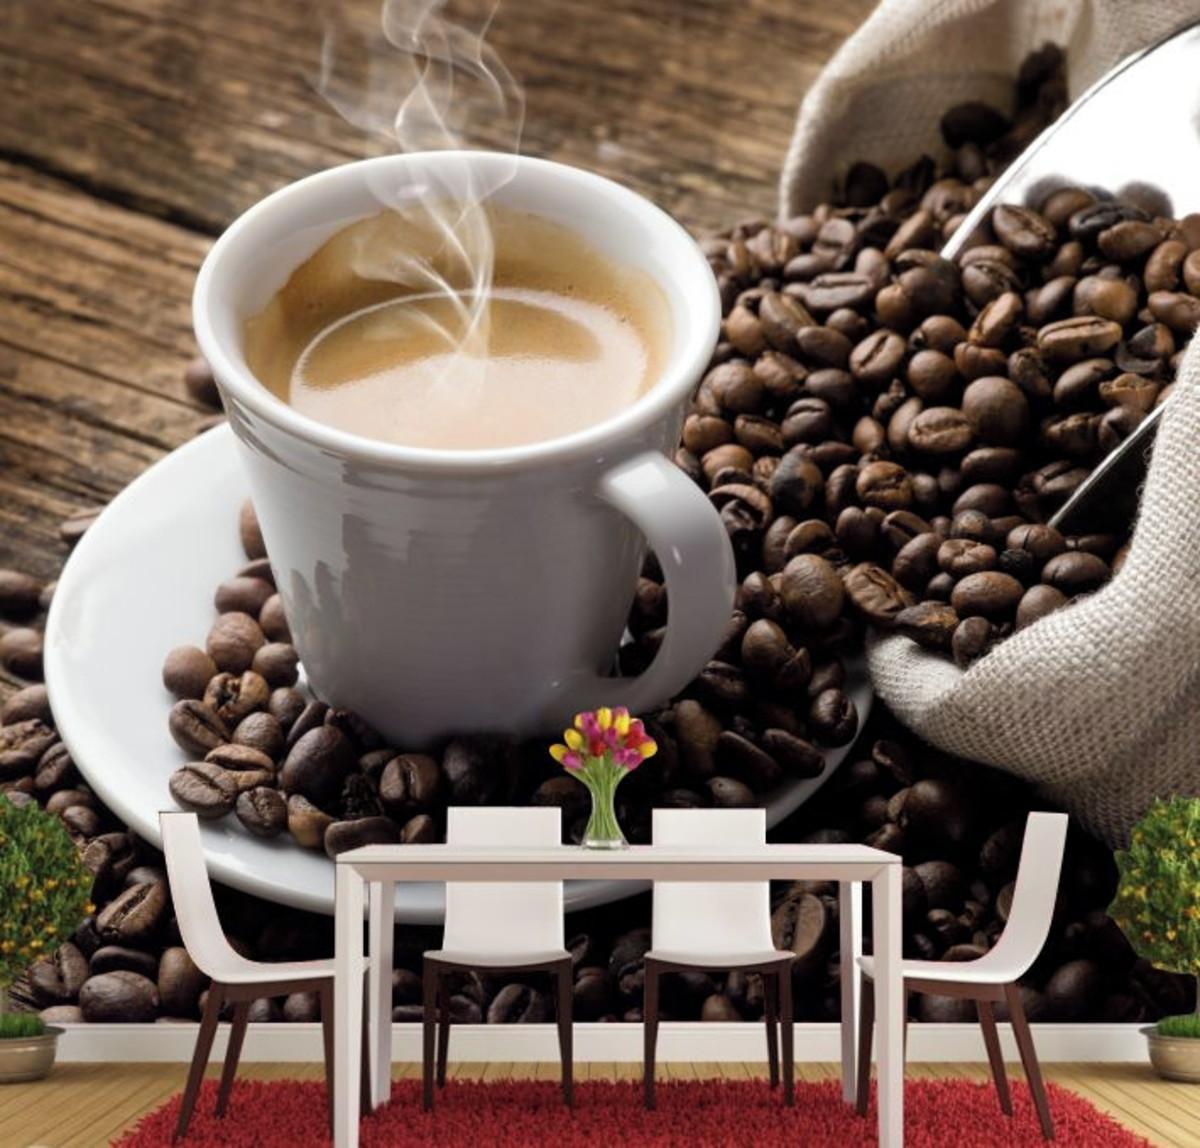 379c01c57 Papel De Parede Café Cozinha Espresso Grãos Bebidas GG139 no Elo7 ...